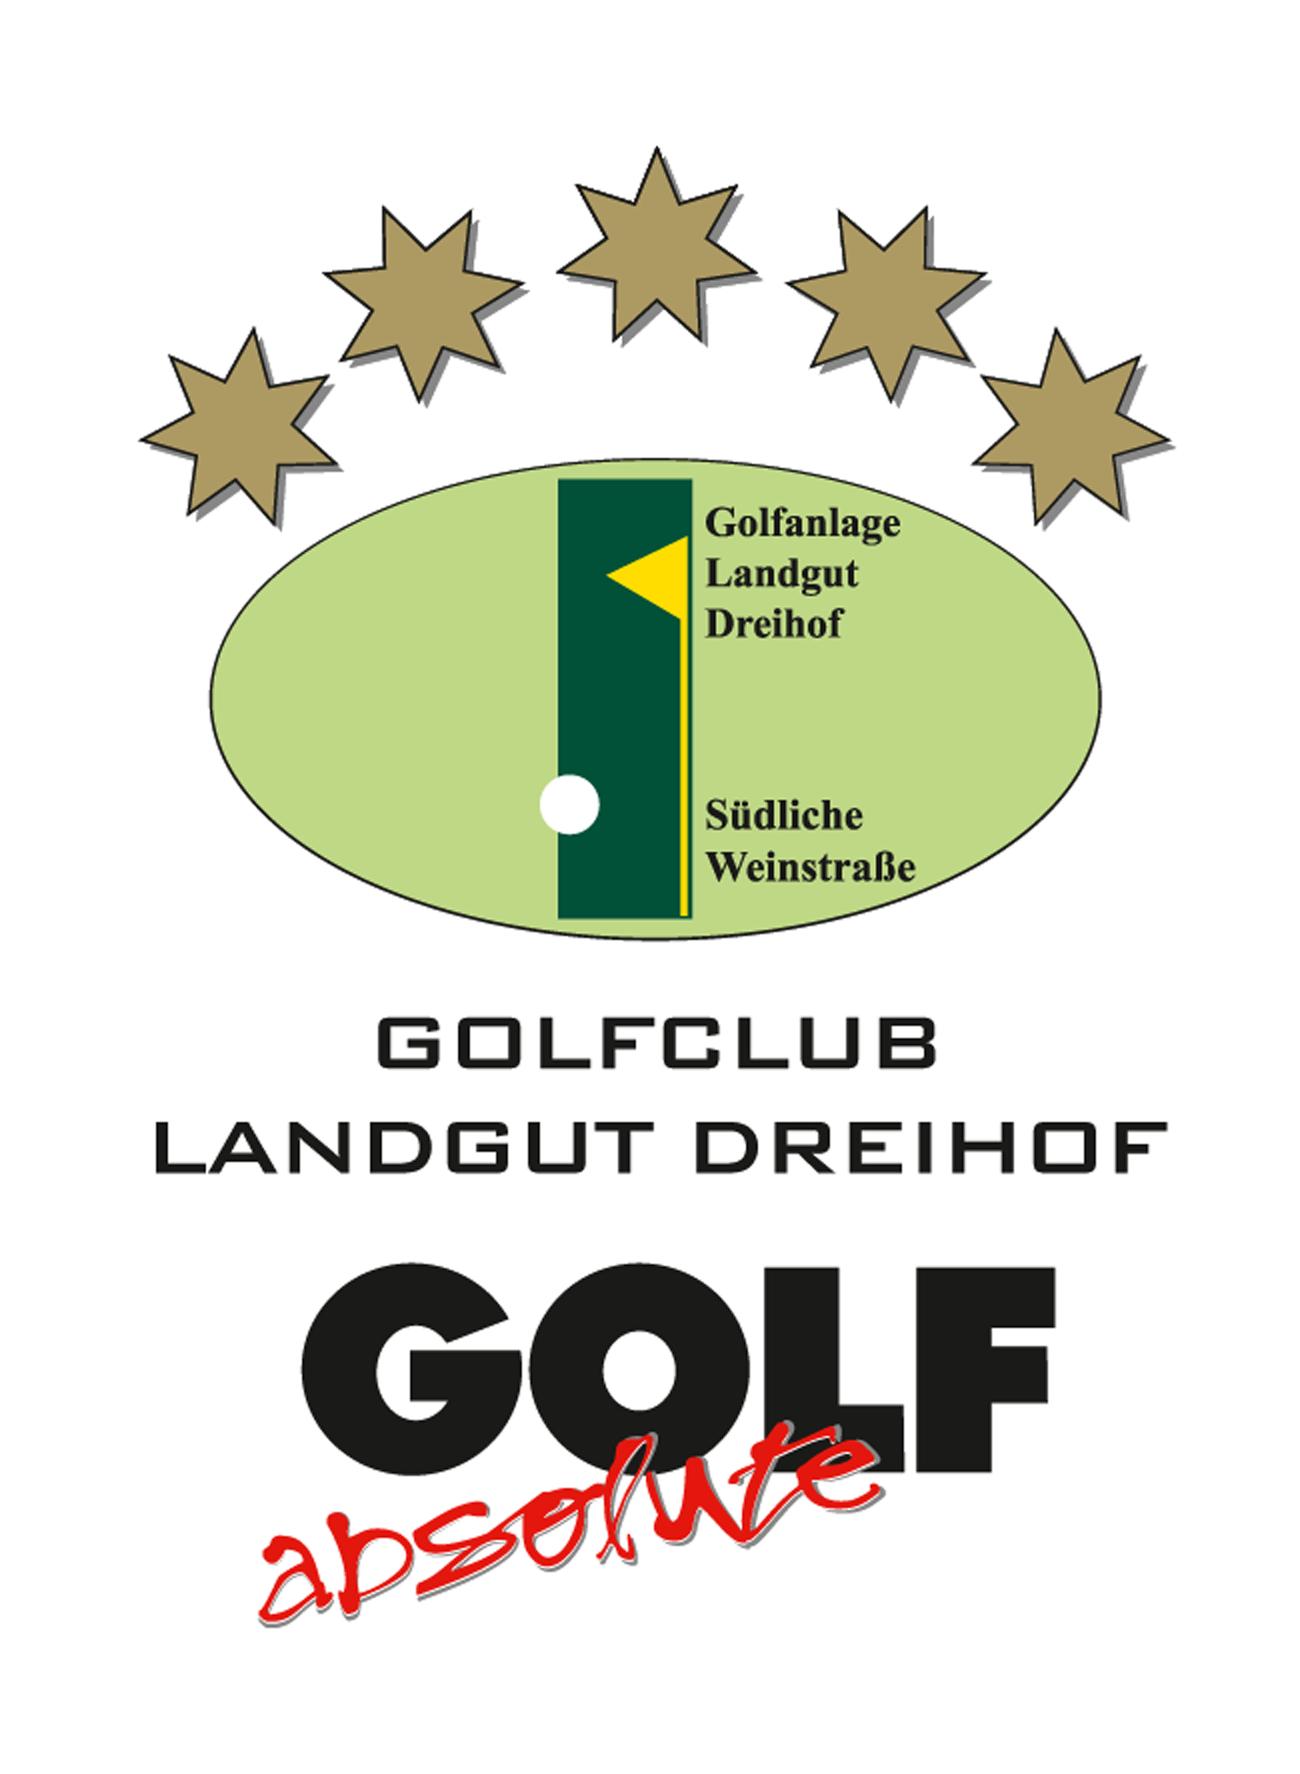 Golfanlage Landgut Dreihof in Essingen bei Landau